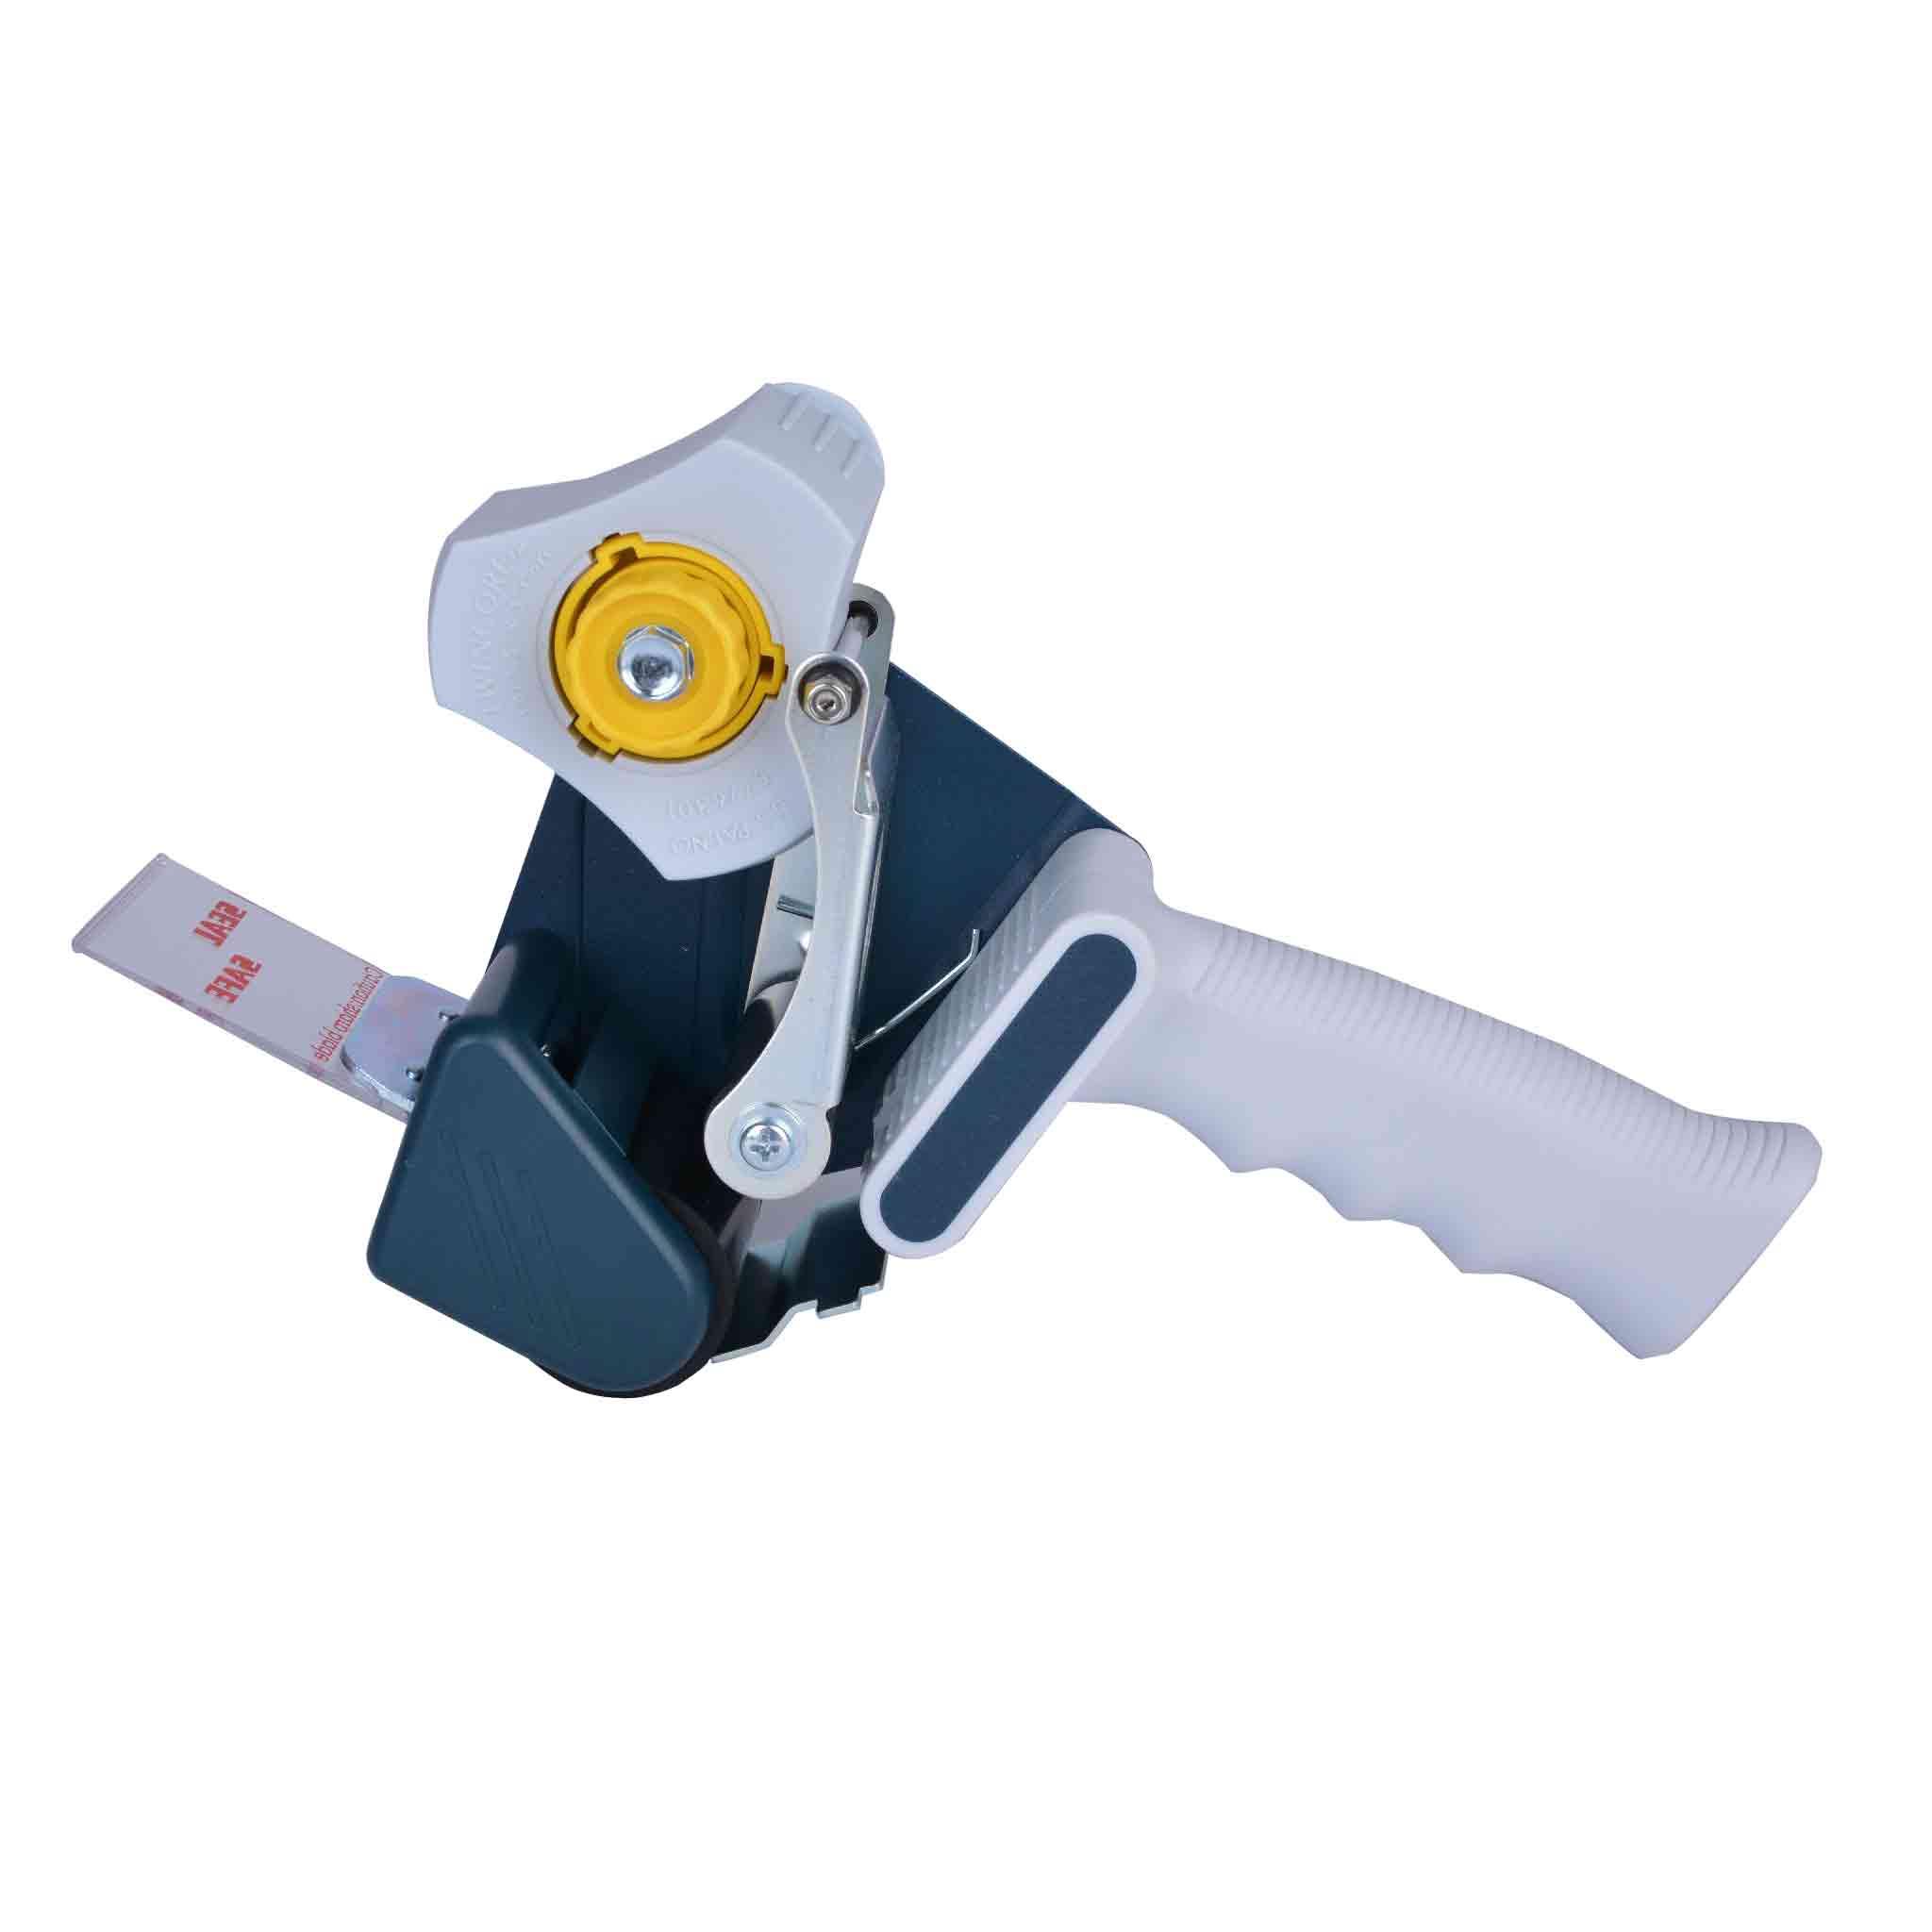 Handabroller Breite bis 50 mm